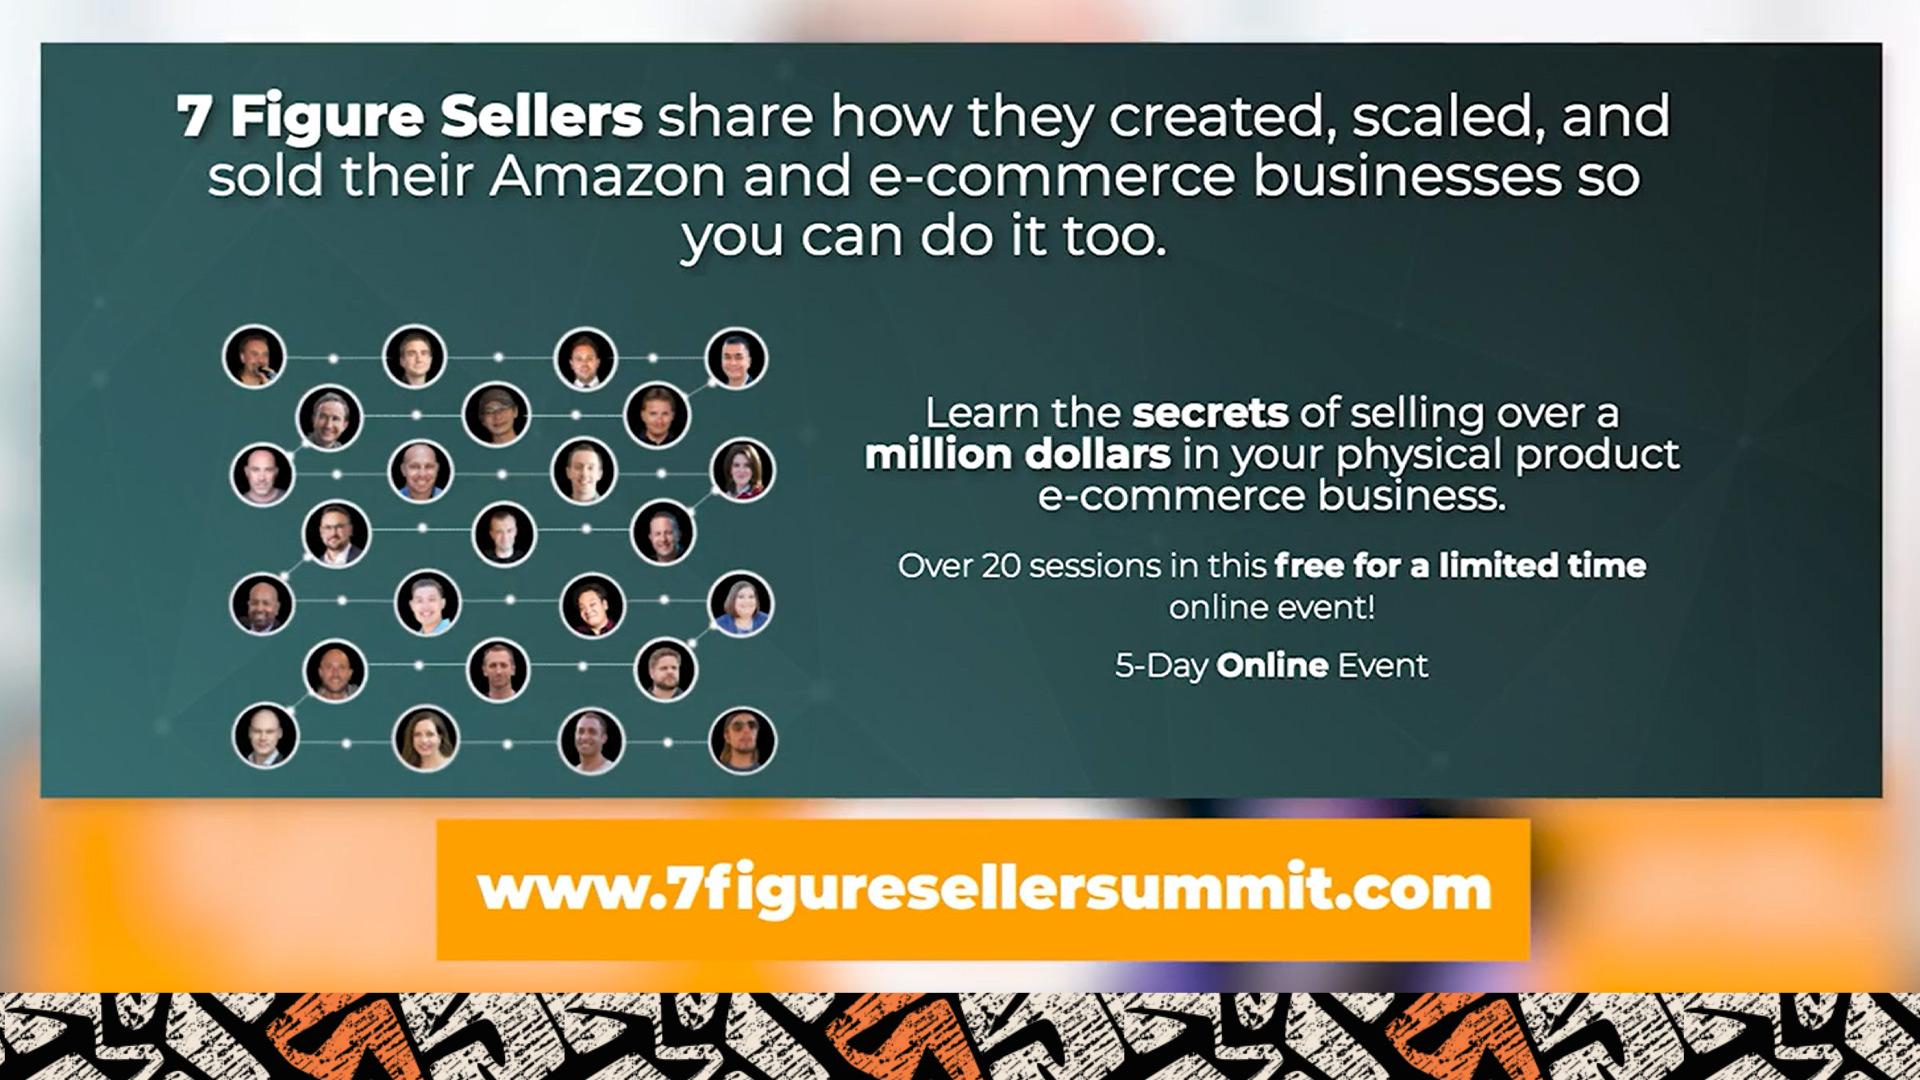 7 Figure Seller Summit